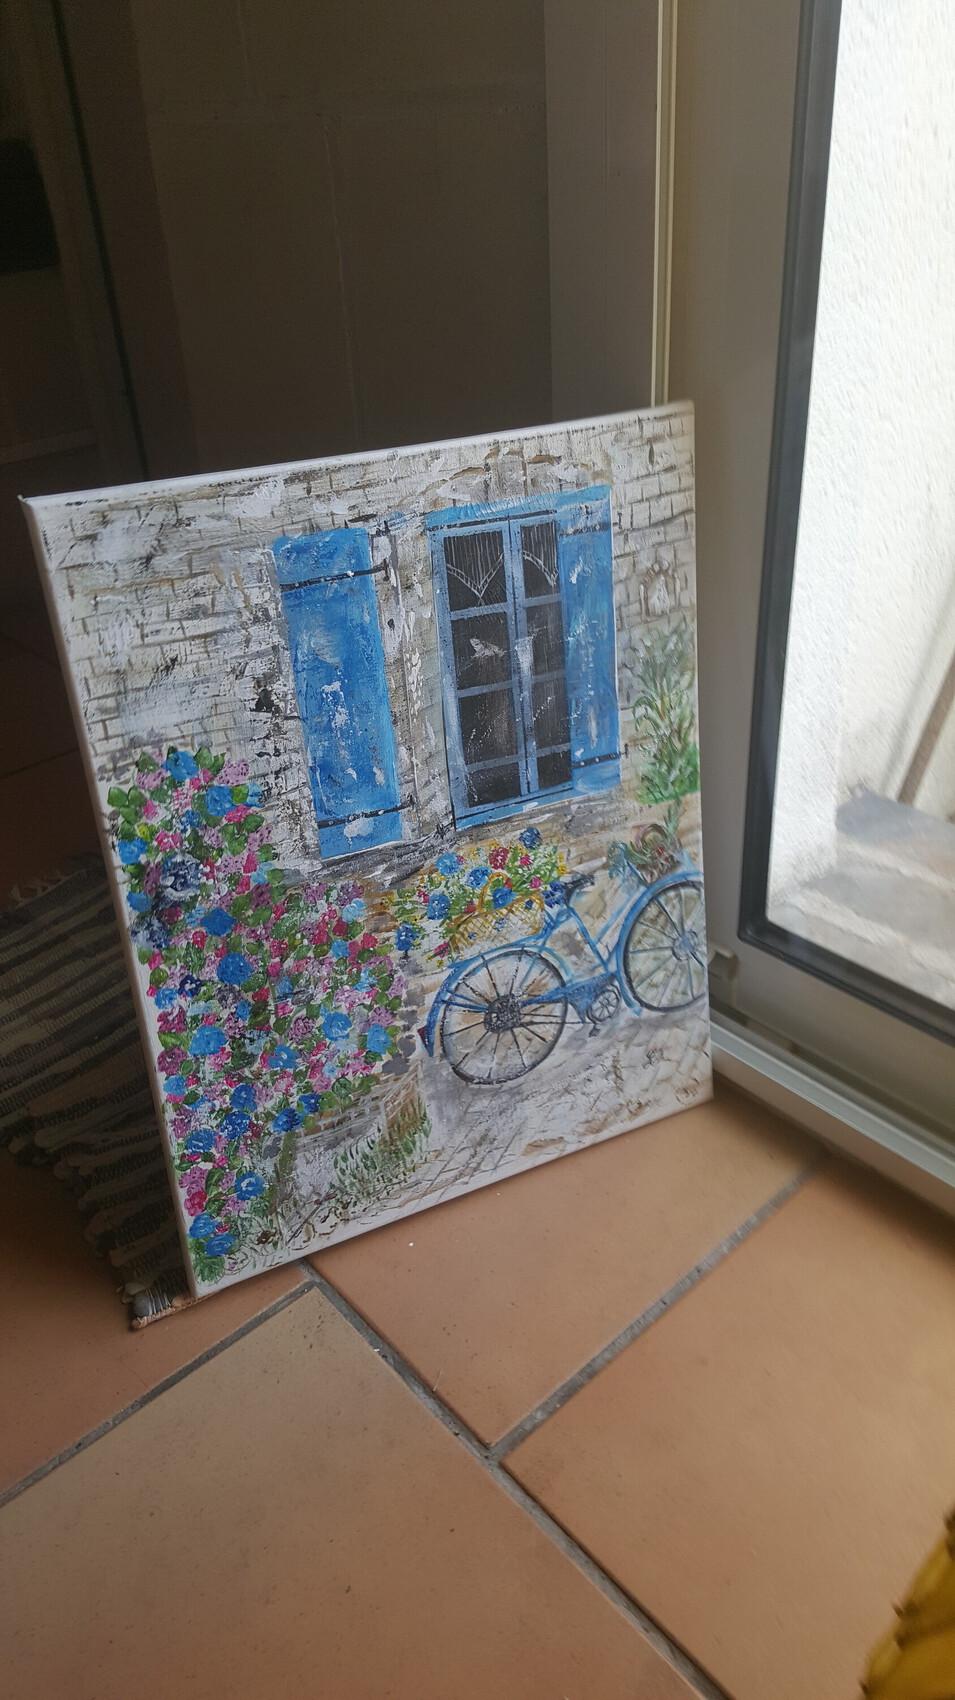 La bicyclette bleue